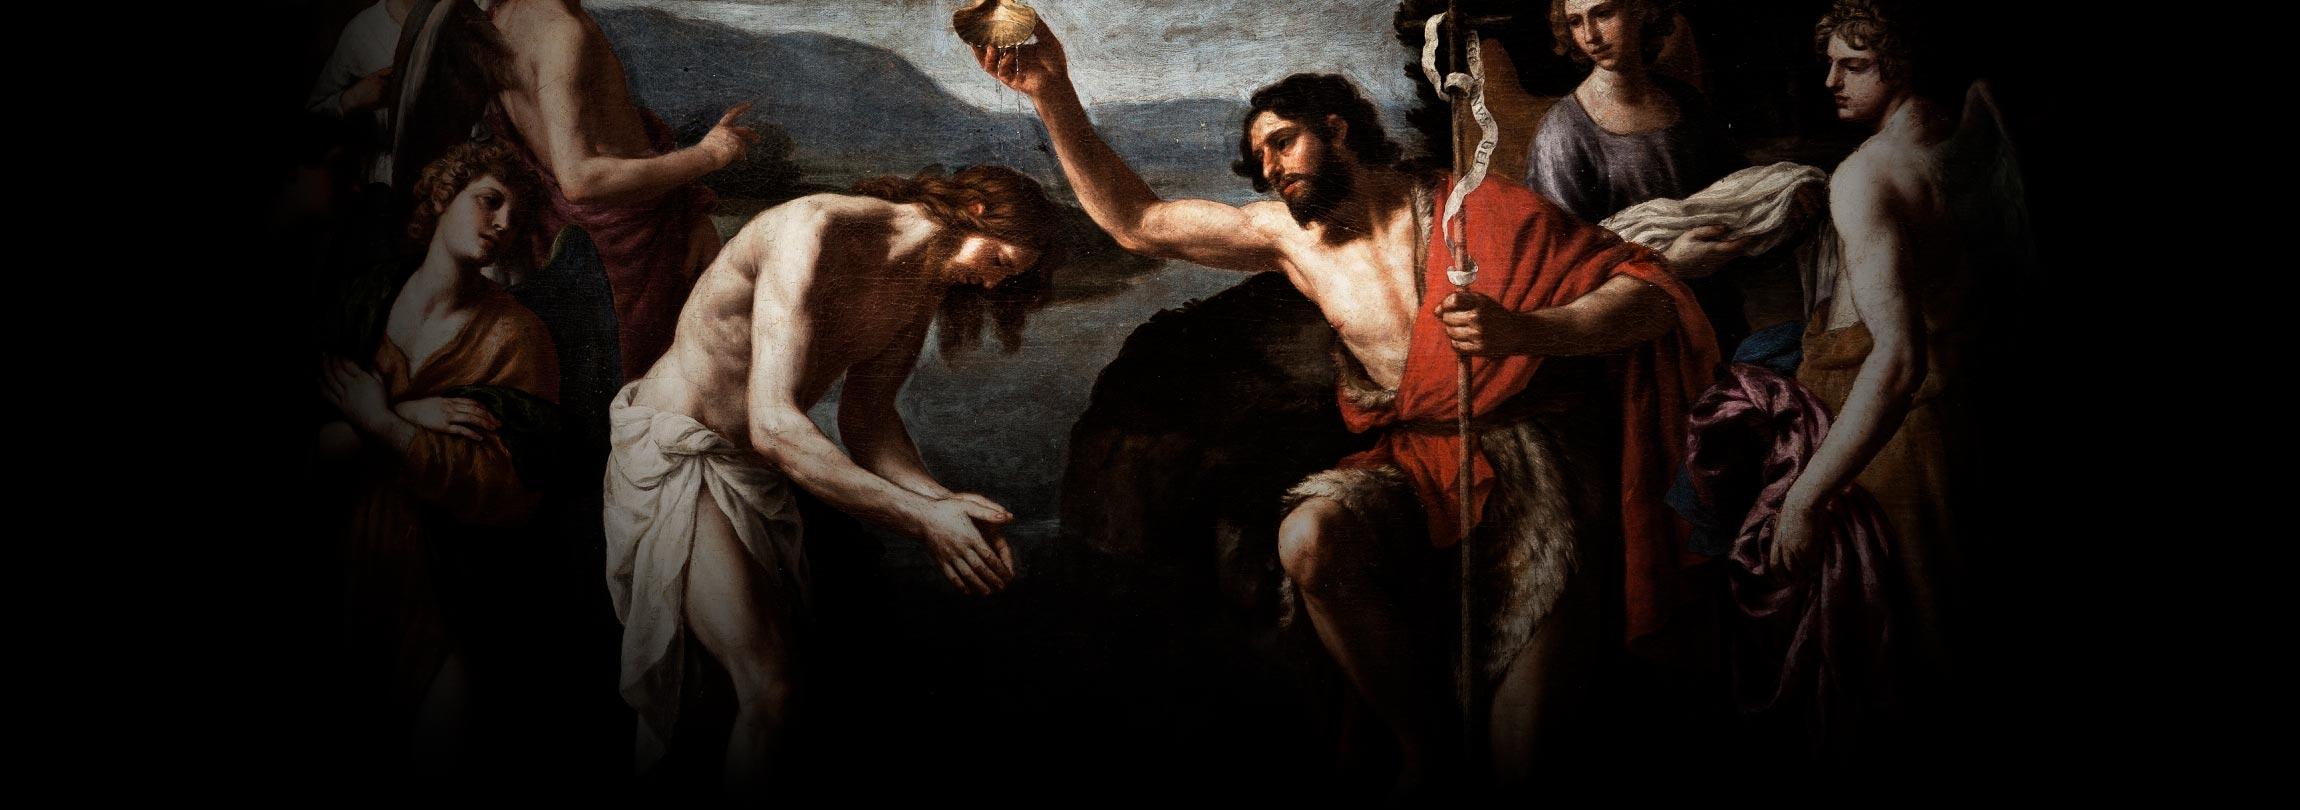 Por que Jesus quis ser batizado?